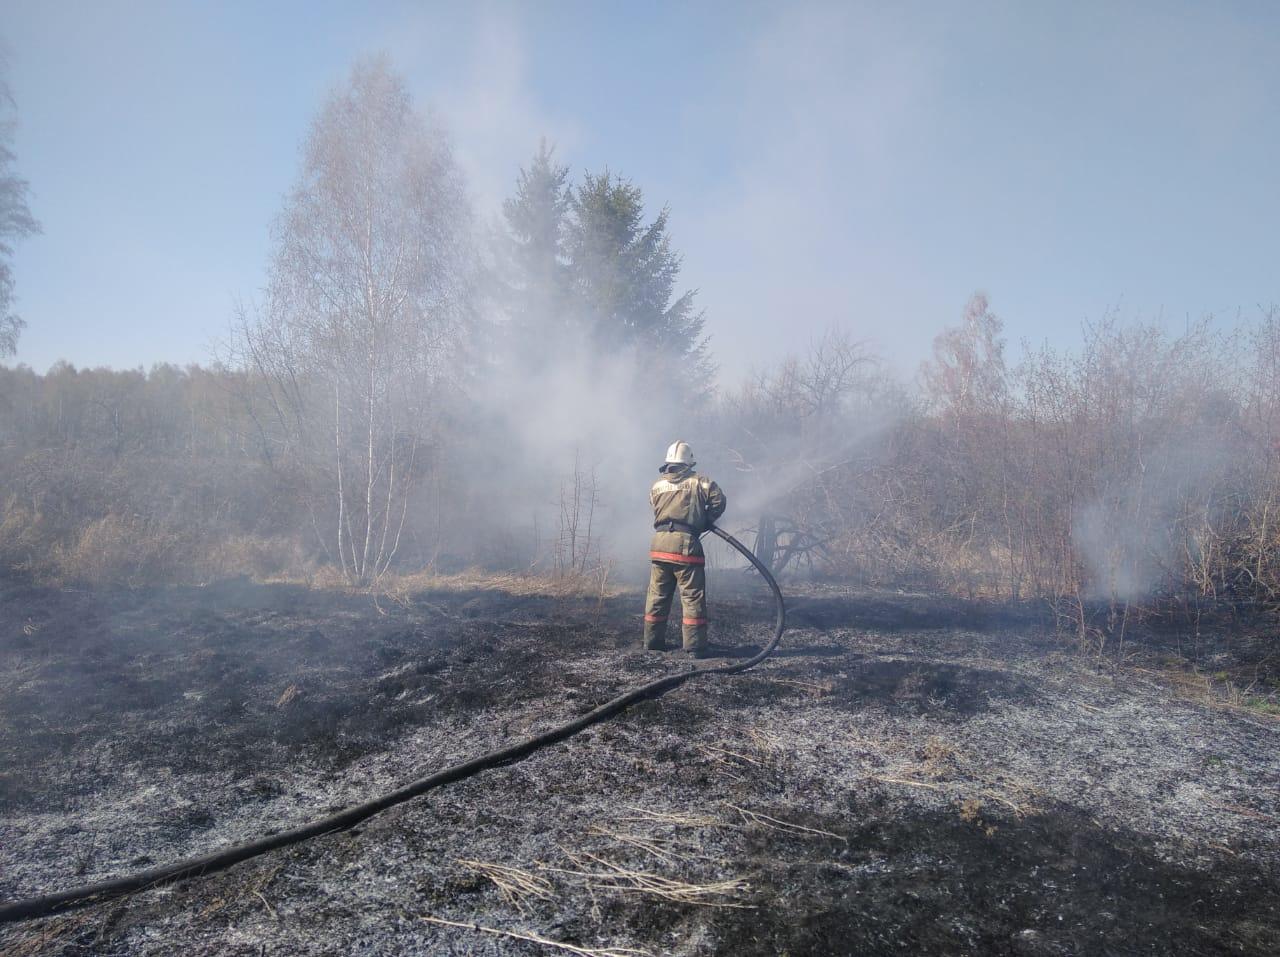 В Омской области из-за сухой травы в одном СНТ сгорело 5 дач #Новости #Общество #Омск